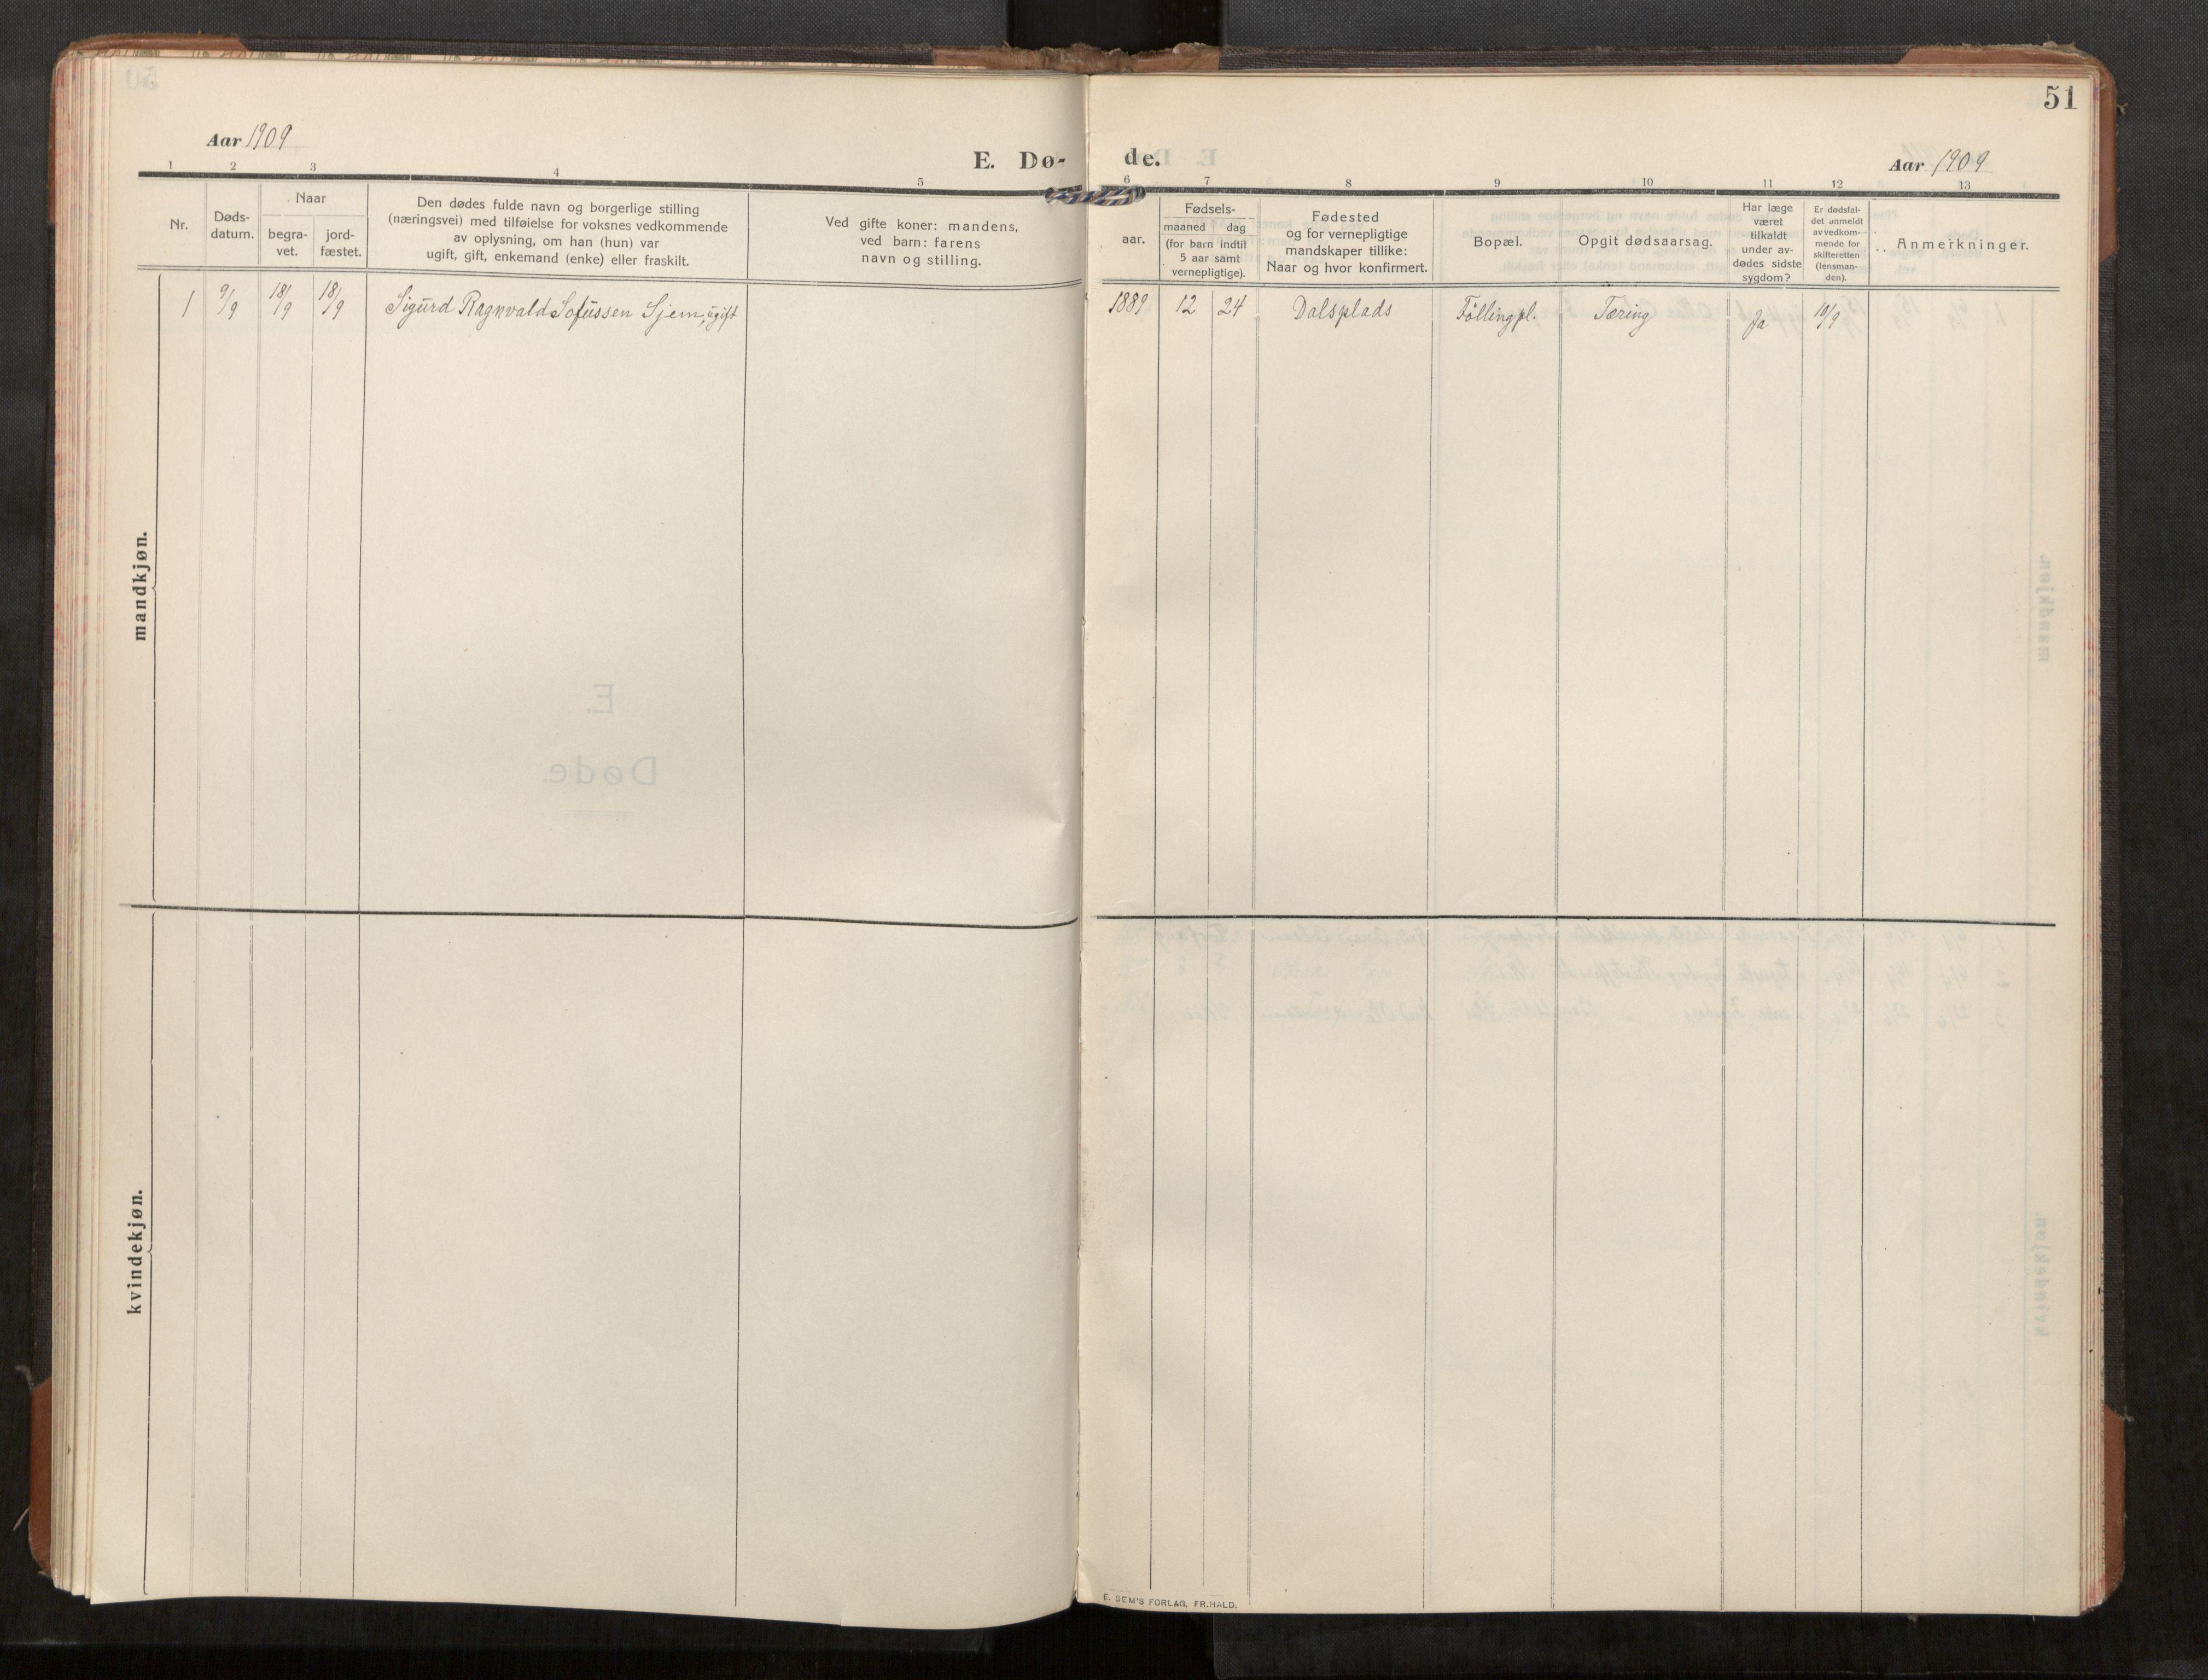 SAT, Stod sokneprestkontor, I/I1/I1a/L0003: Parish register (official) no. 3, 1909-1934, p. 51